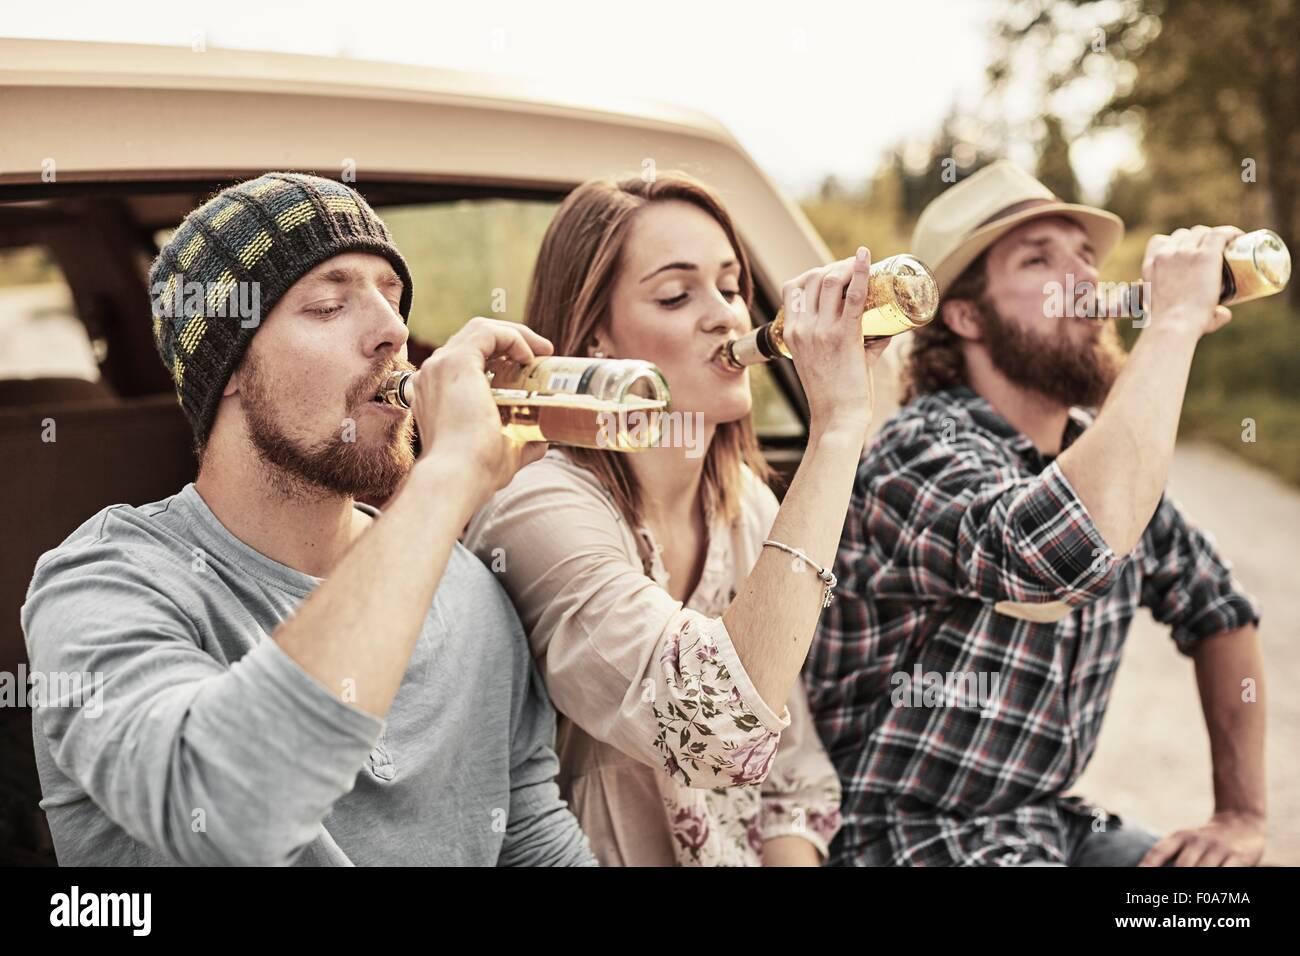 Tres personas bebiendo cerveza embotellada en unísono Imagen De Stock